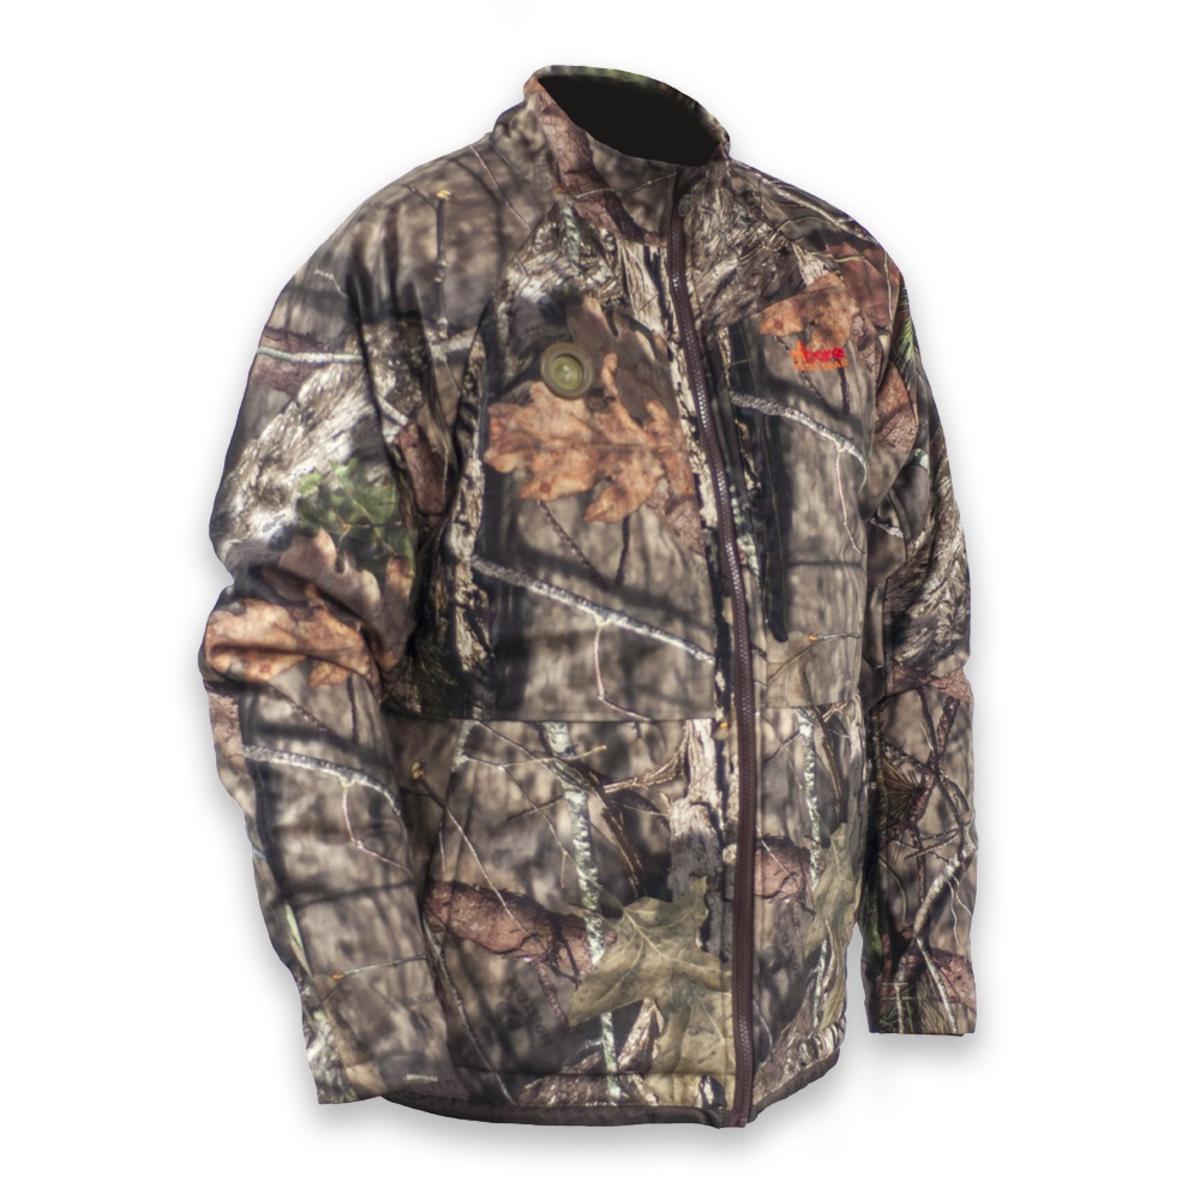 058cddd606e86 Details about MyCore Control Men's Heated Mossy Oak Break-Up Infinity Rut Season  Jacket